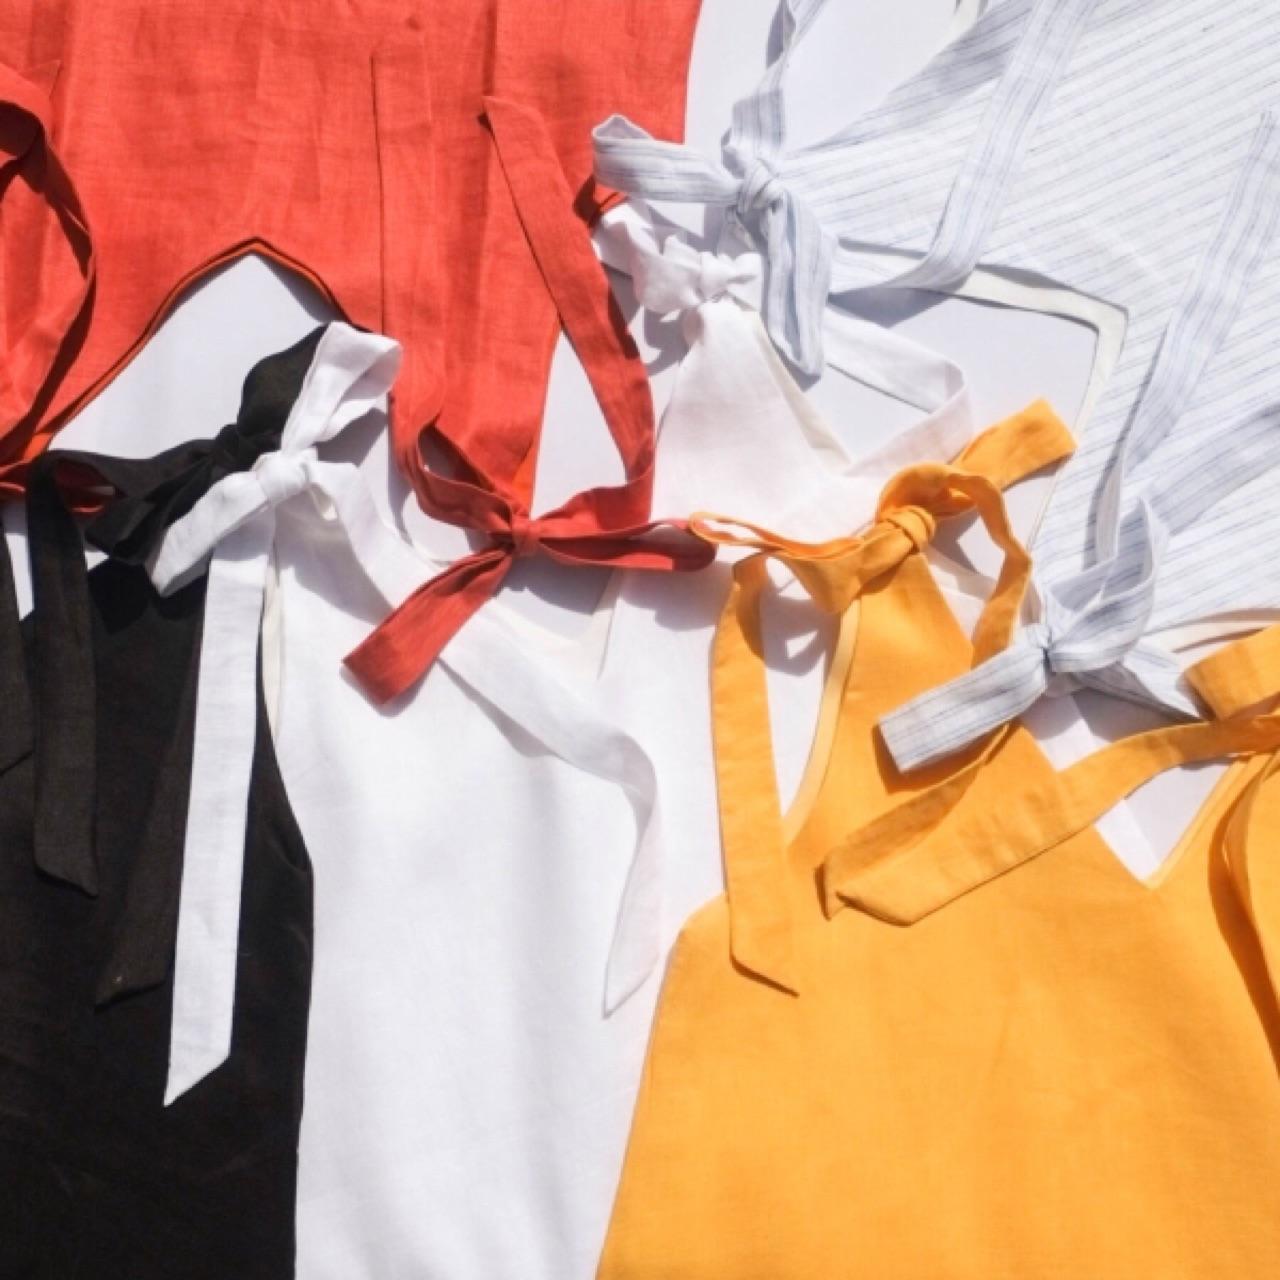 เสื้อผ้าผู้หญิง,เดรส,เดรสสั้น,เดรสสั้นสายเดี่ยว,เดรสสายเดี่ยว,สายเดี่ยว